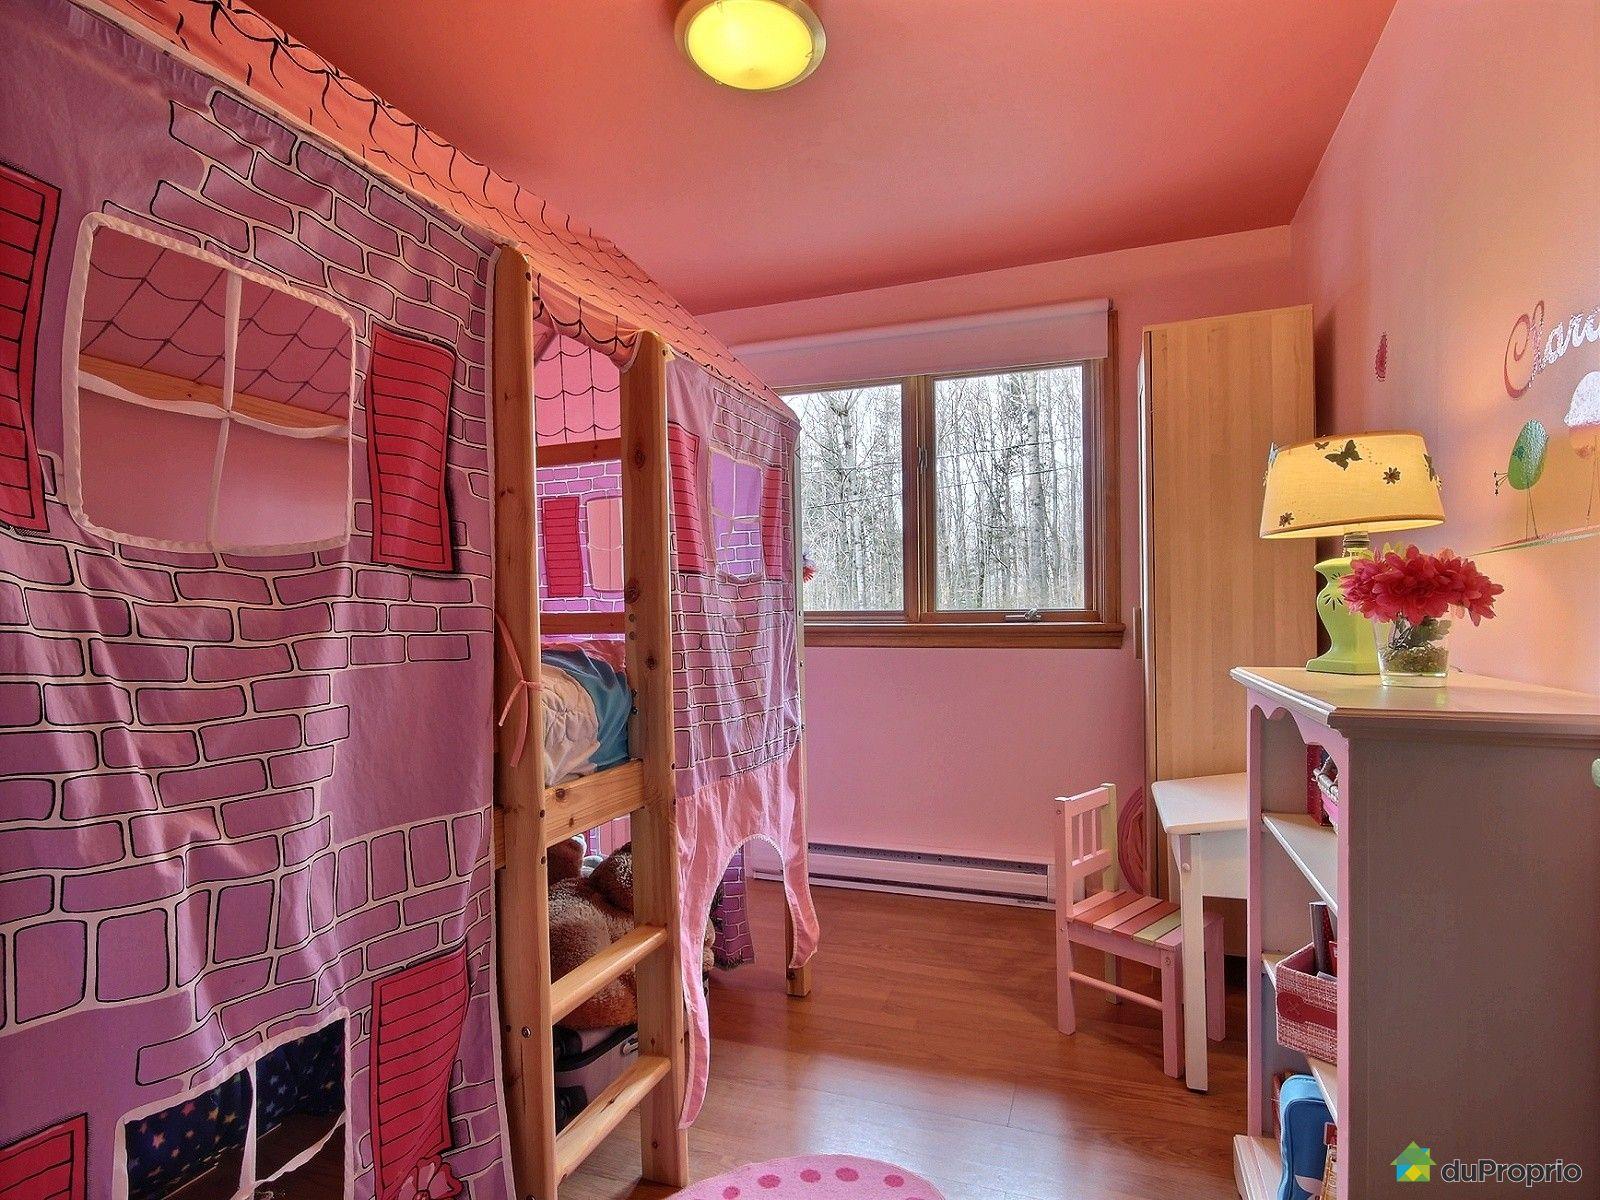 Maison vendu notre dame des laurentides immobilier qu bec for Immobilier chambre sans fenetre